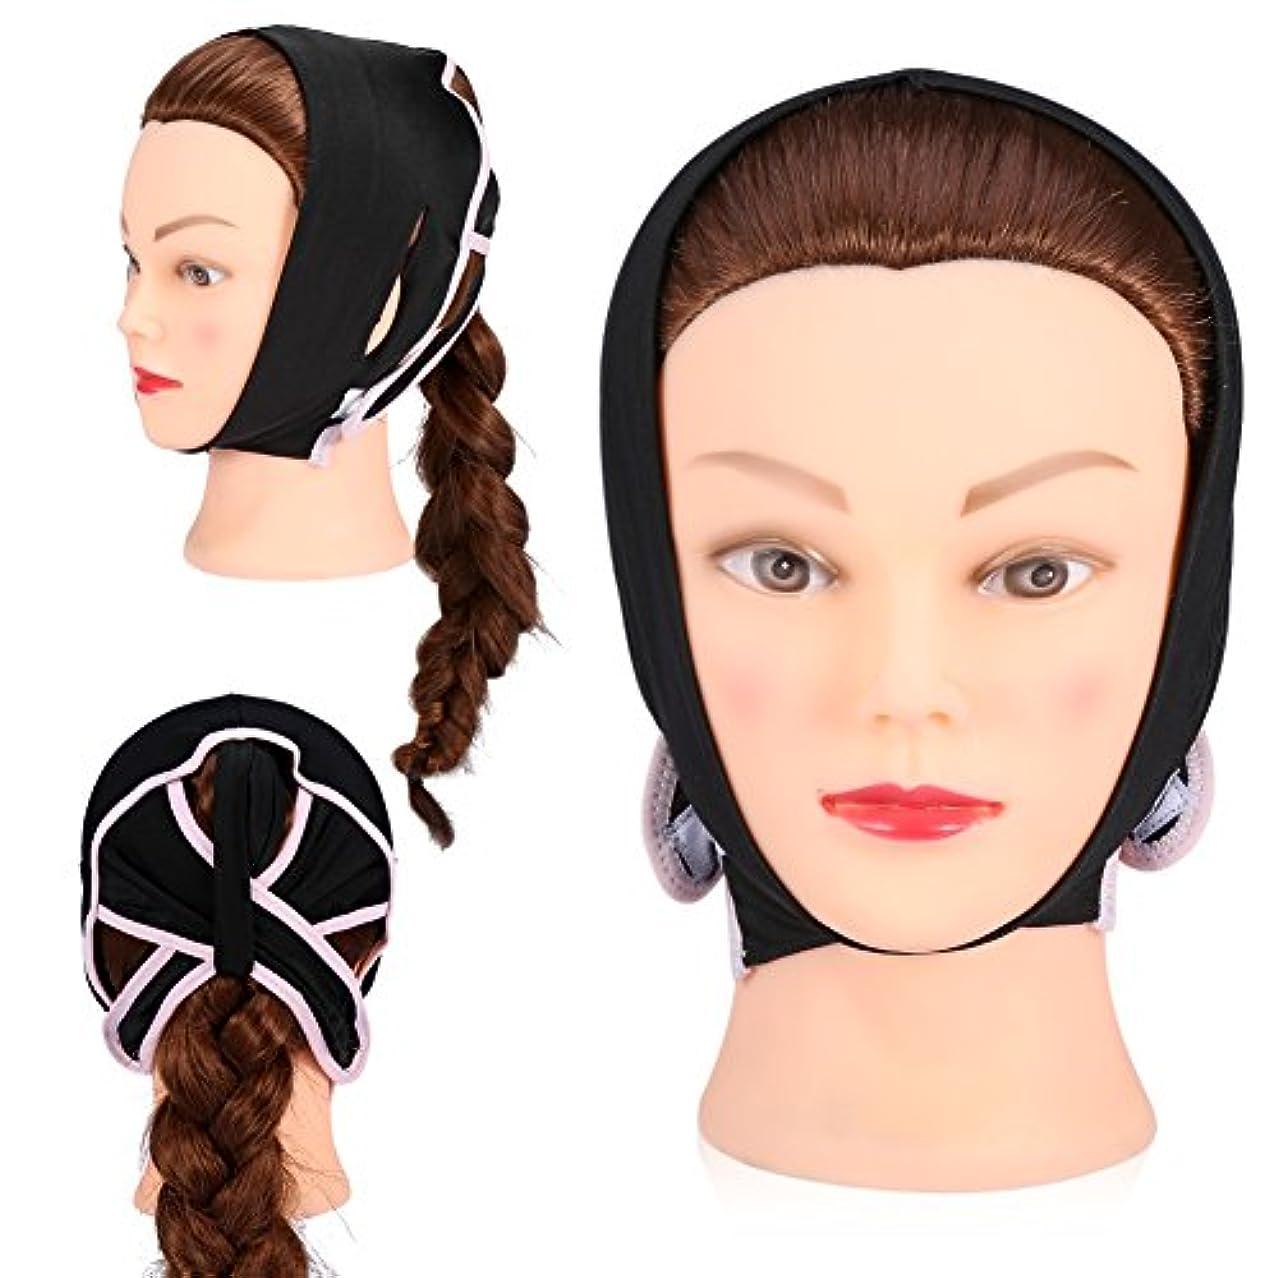 勇気サドルネクタイ顔 輪郭 改善 Vフェイス 美容包帯 首 頬 あご引き締めます(M)